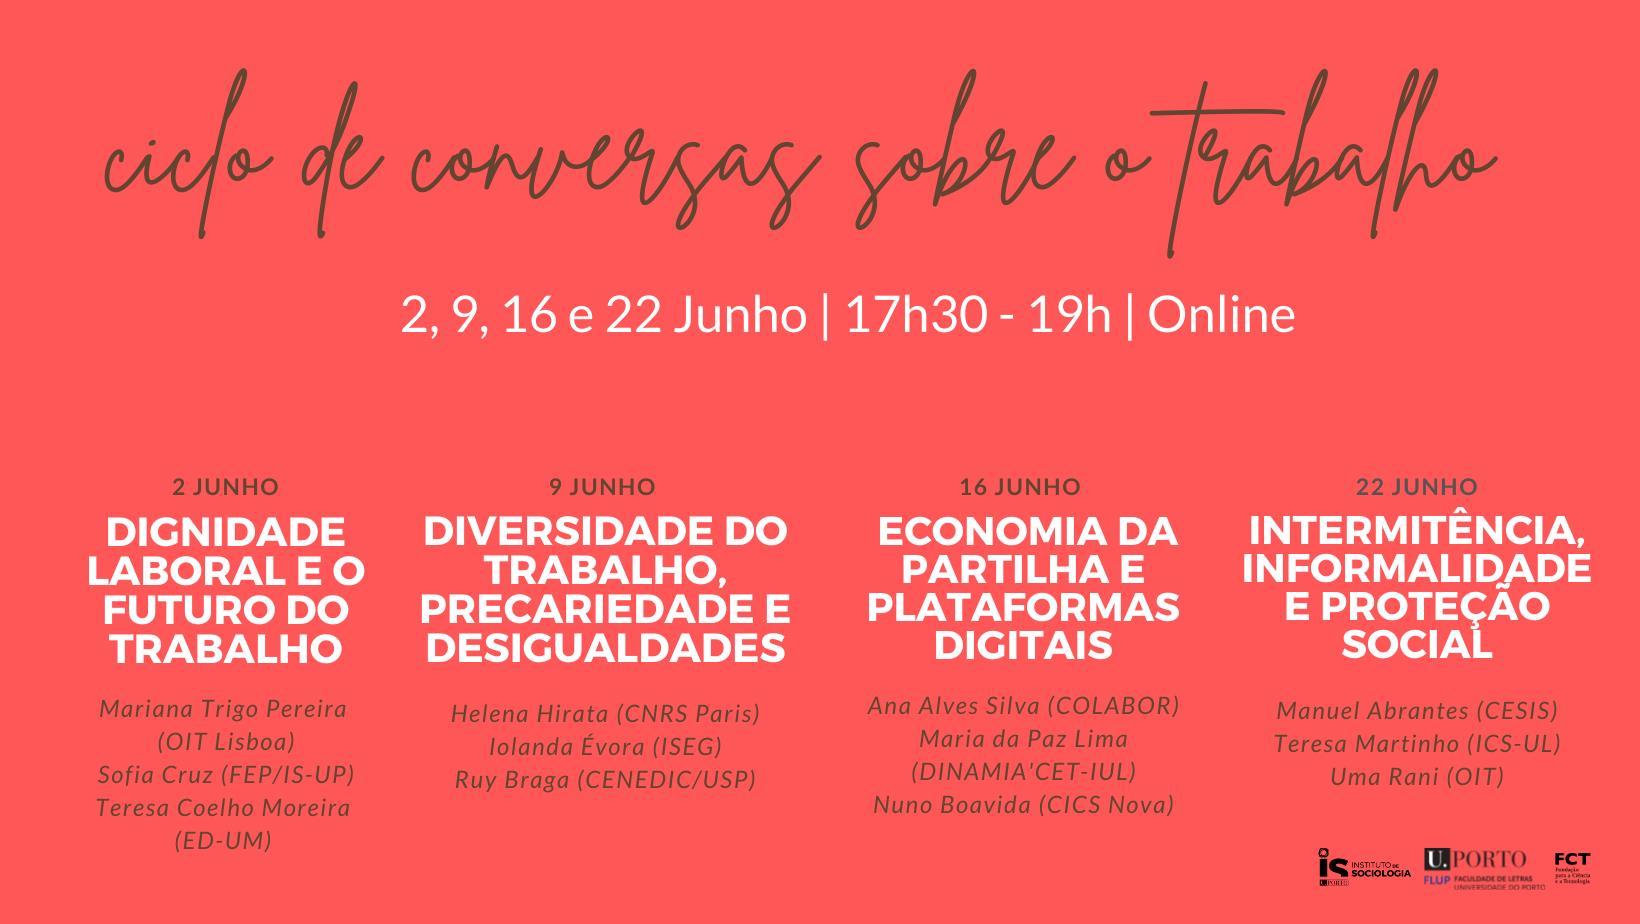 Ciclo de Conversas   Intermitência, Informalidade e Proteção Social